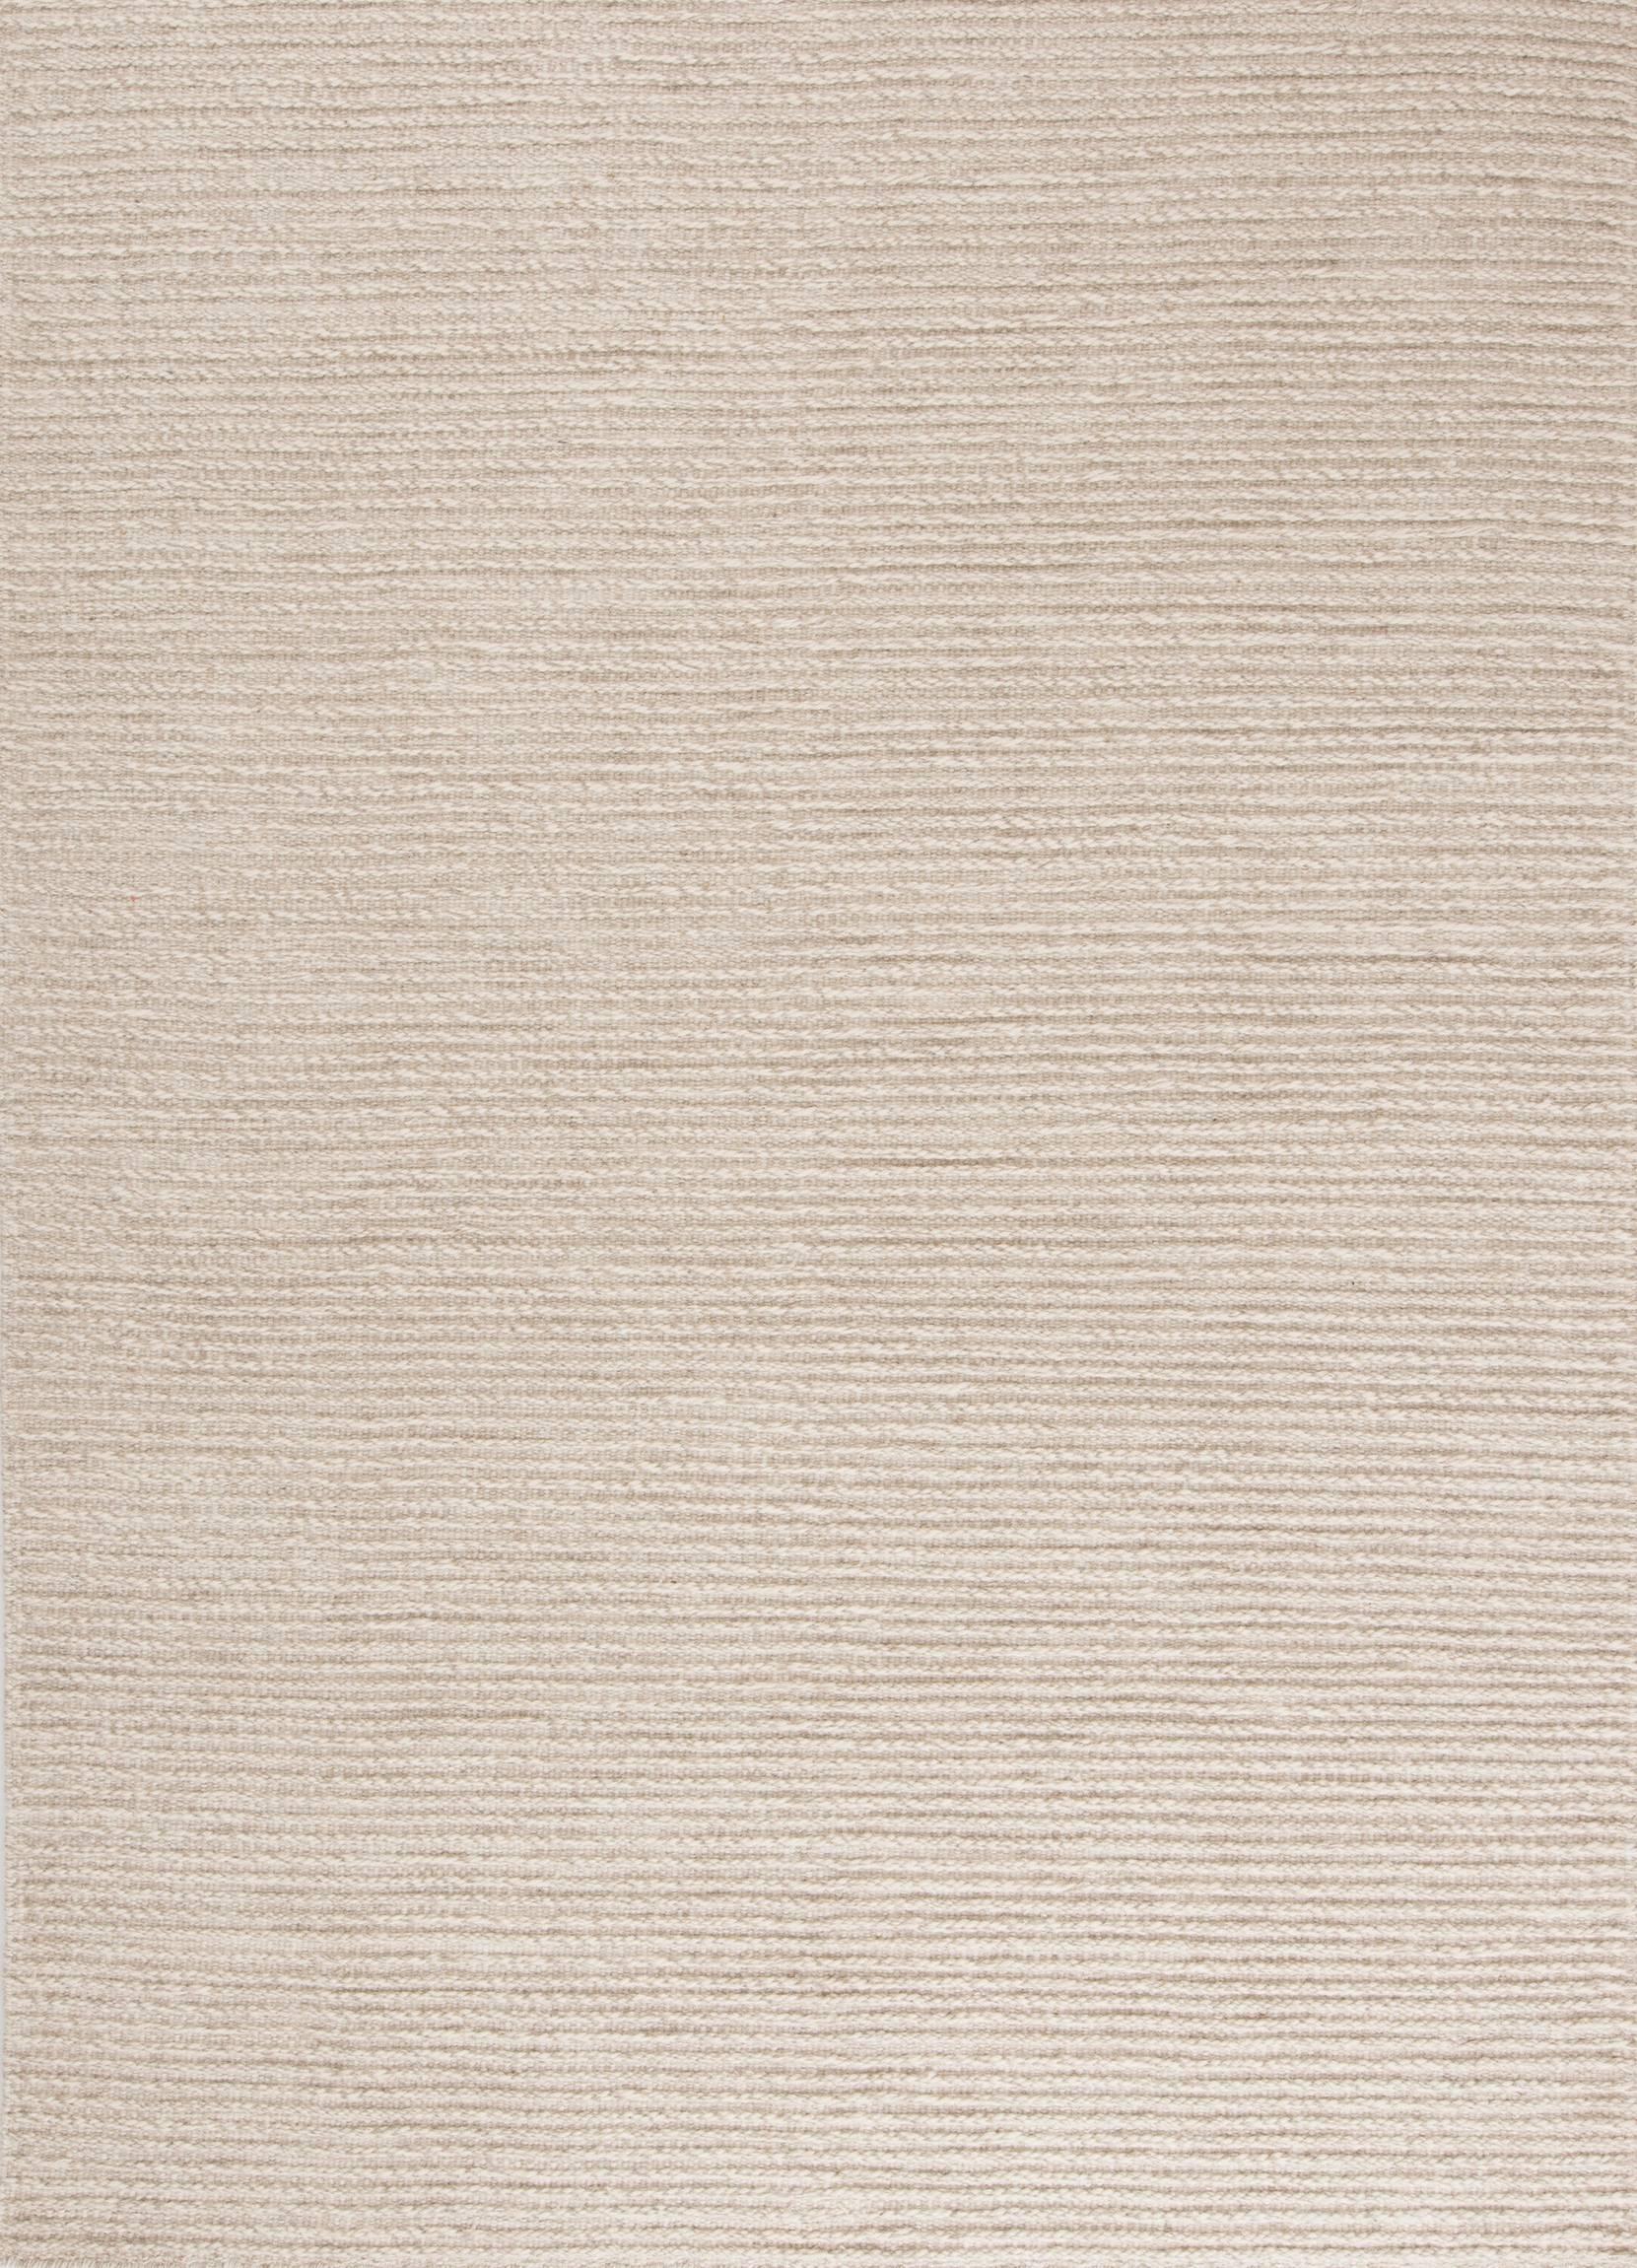 Tæppe Jarlan – 160x200 cm Linie Design Uldtæpper til Boligen i Sølvfarvet